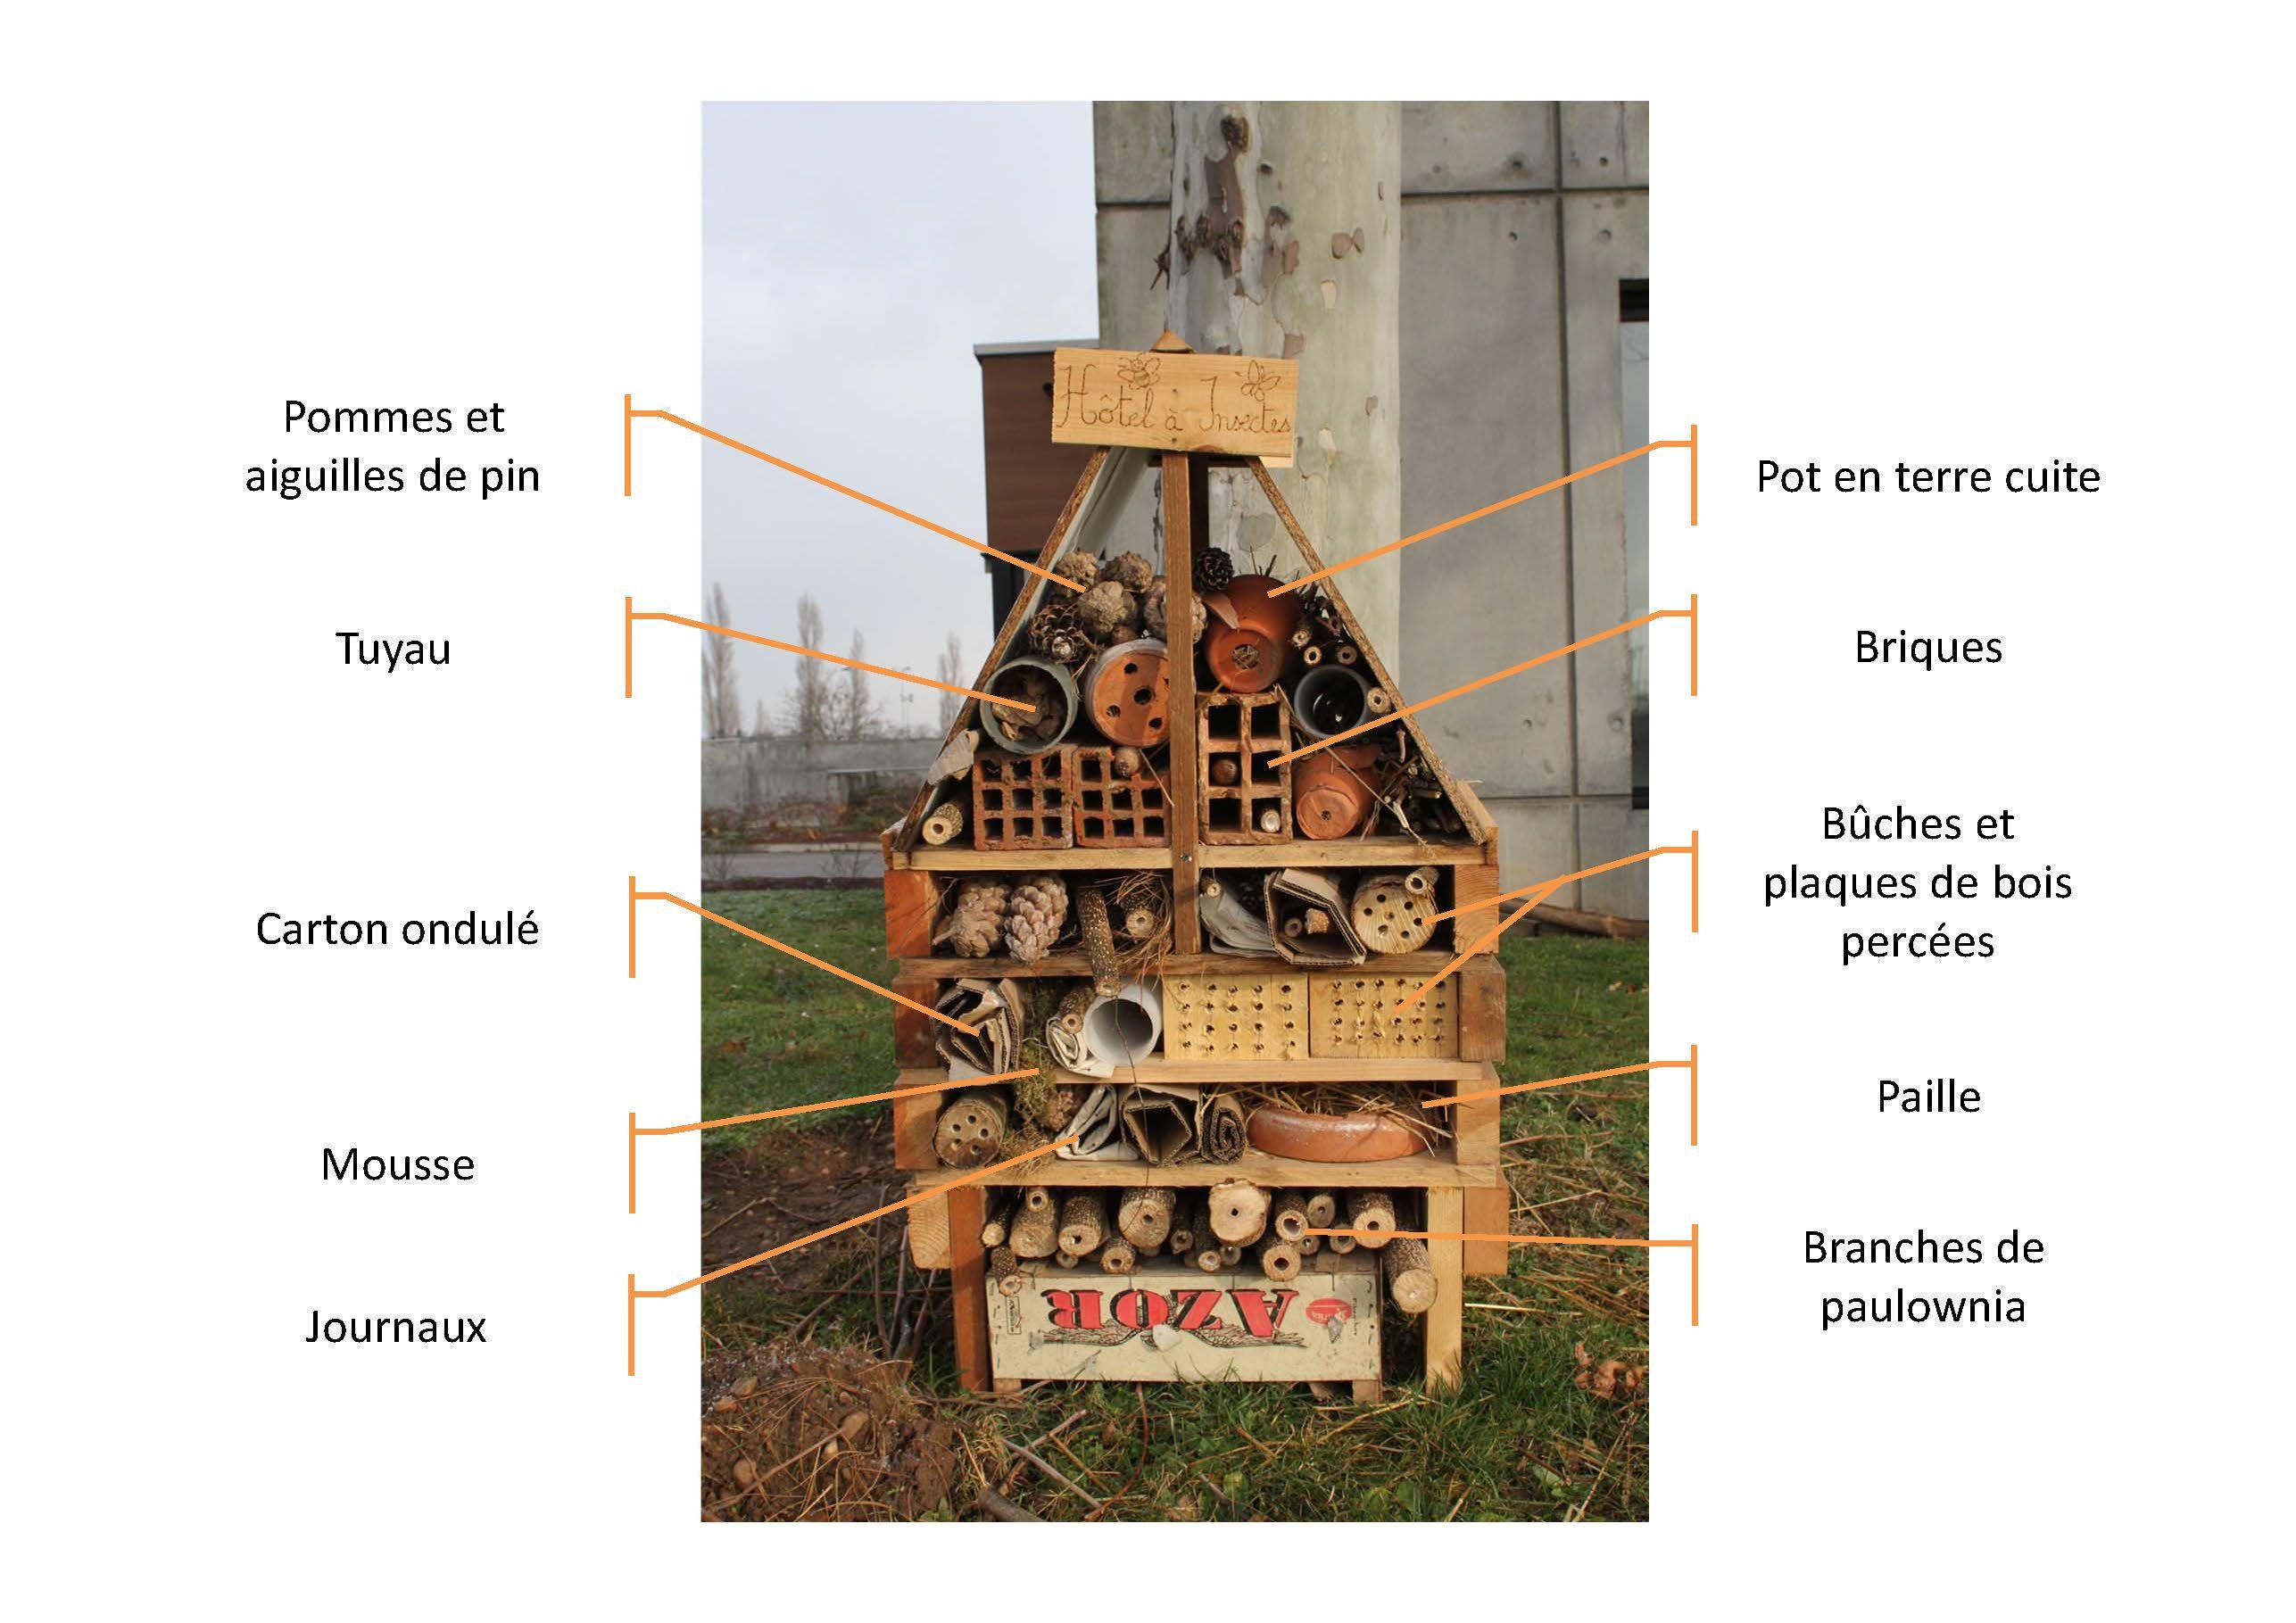 Hotelinsectes farming garden h tel insectes insectes et maison insecte - Maison a insectes plan ...